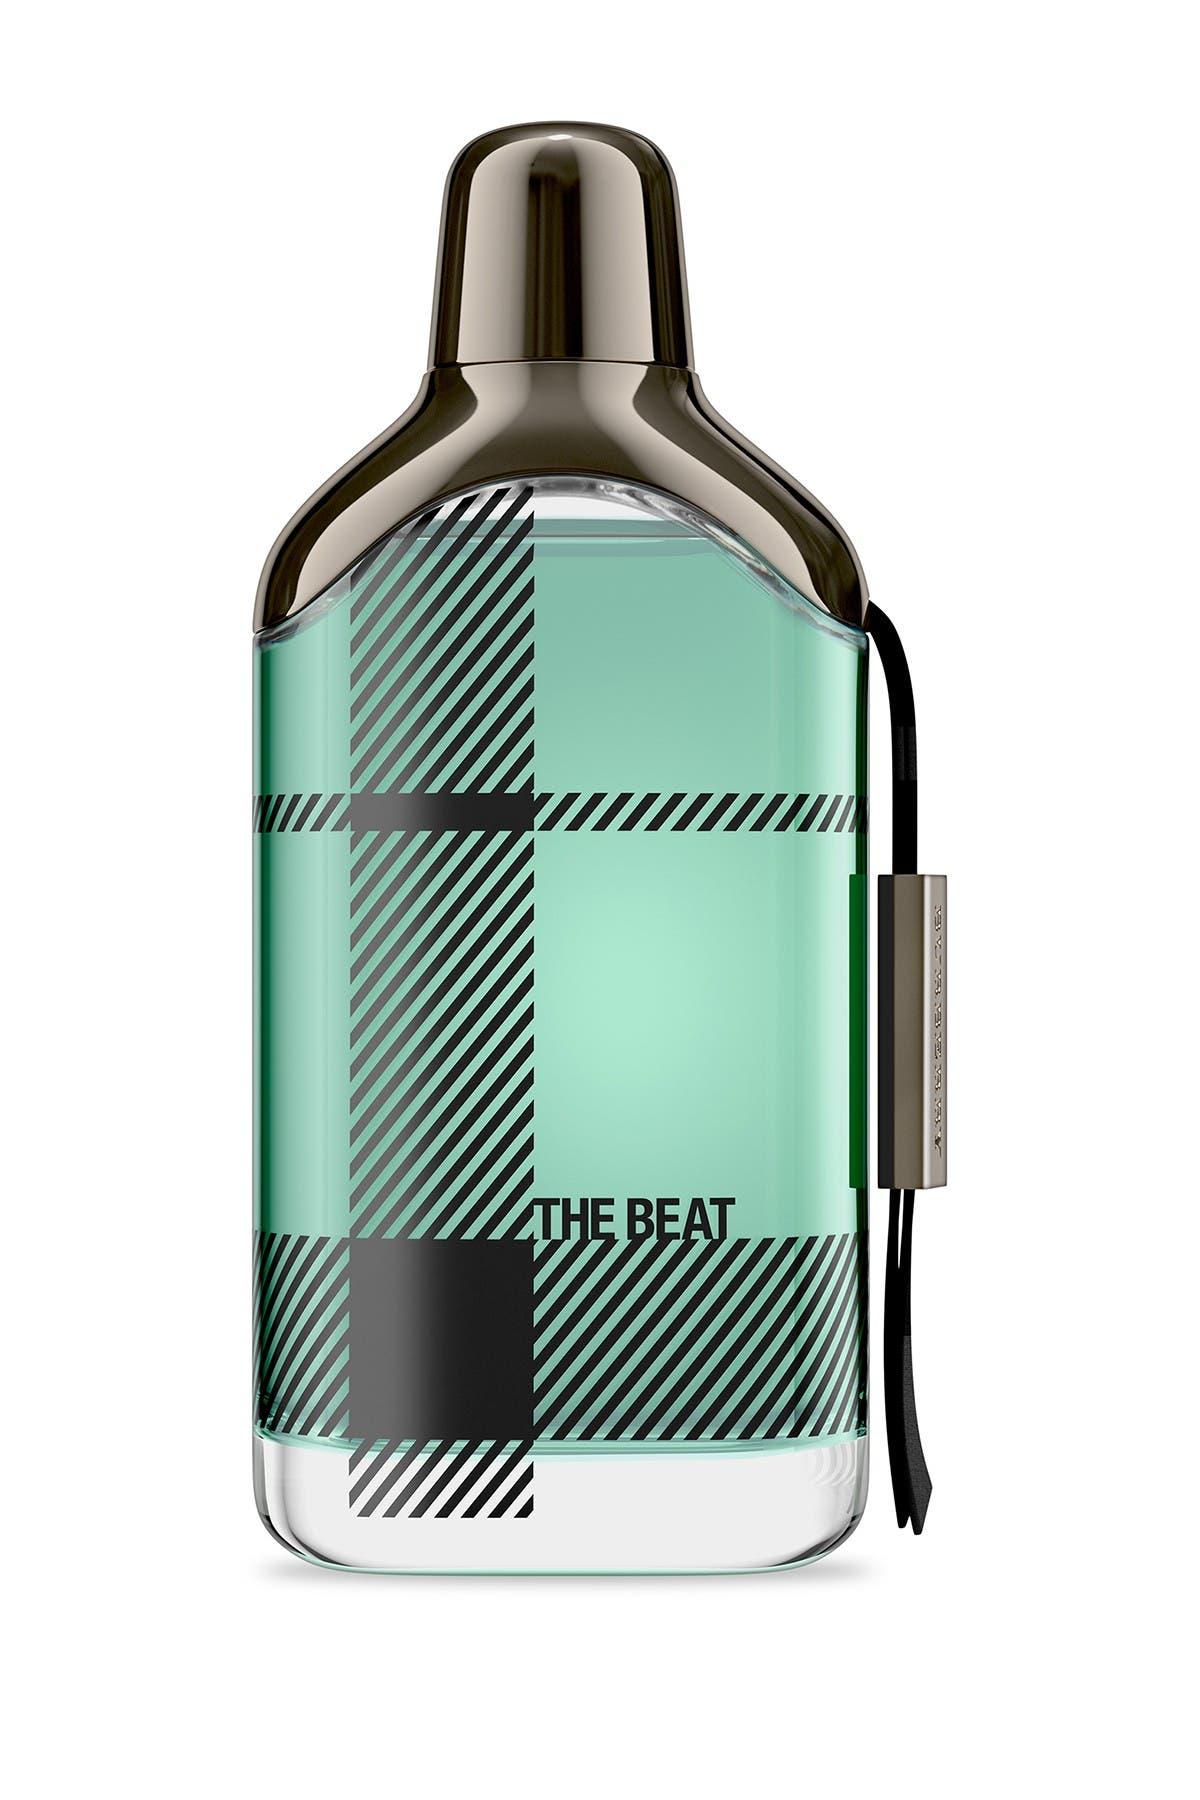 Image of Burberry The Beat for Men Eau de Toilette Spray - 100ml.